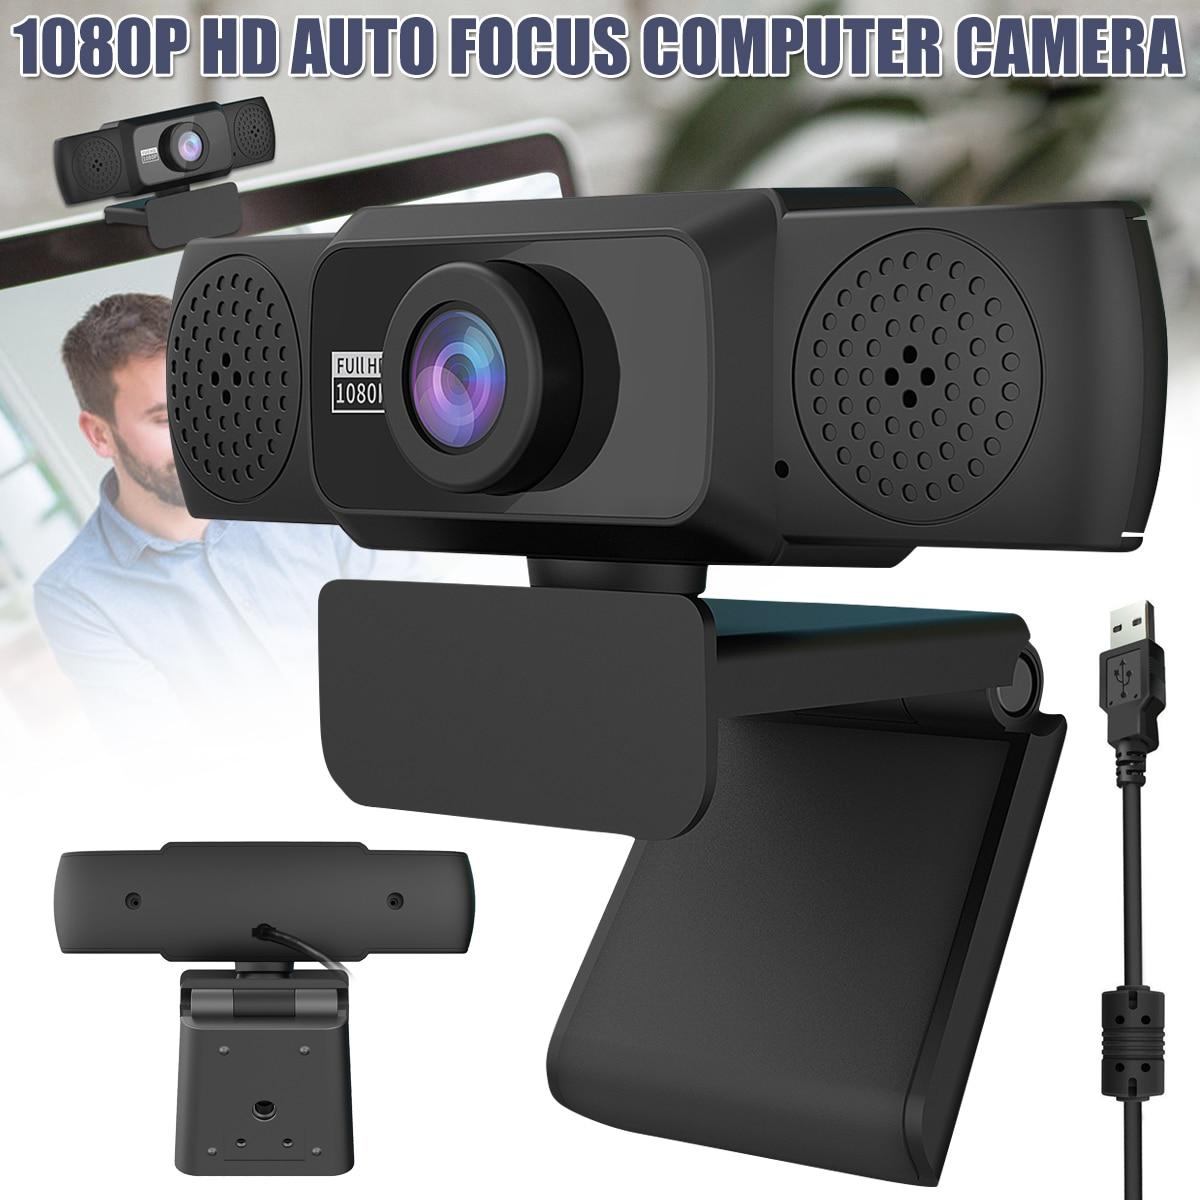 كاميرا ويب 1080P عالية الجودة كاميرا كمبيوتر متدفقة لمؤتمرات اتصال الفيديو بالكمبيوتر 360 درجة قابلة للدوران PUO88